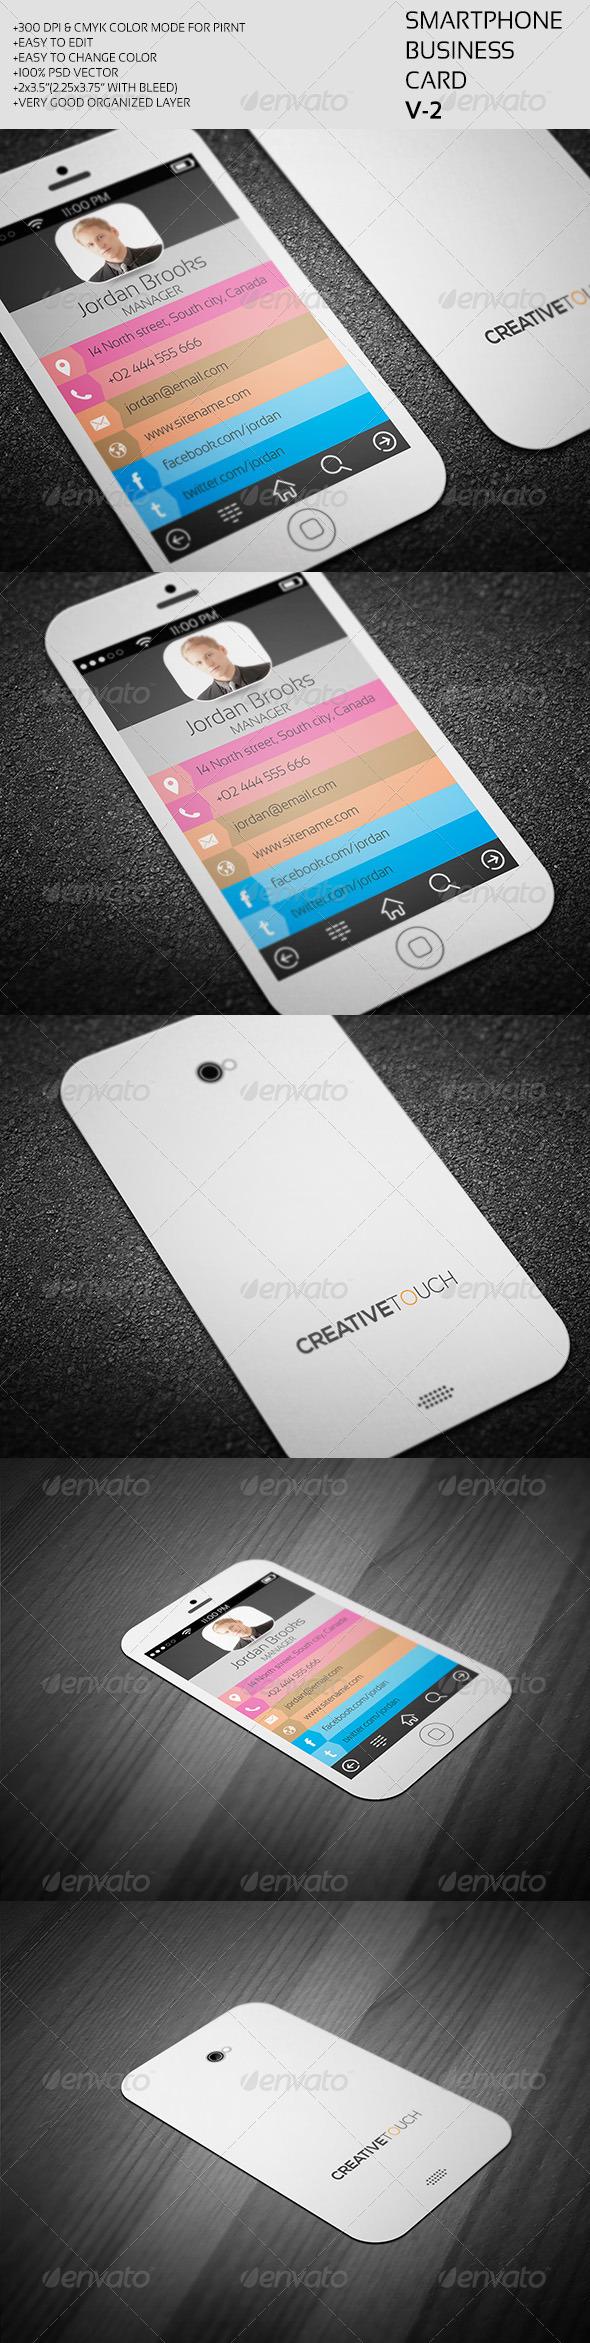 GraphicRiver Smartphone Business Card V-2 7383951